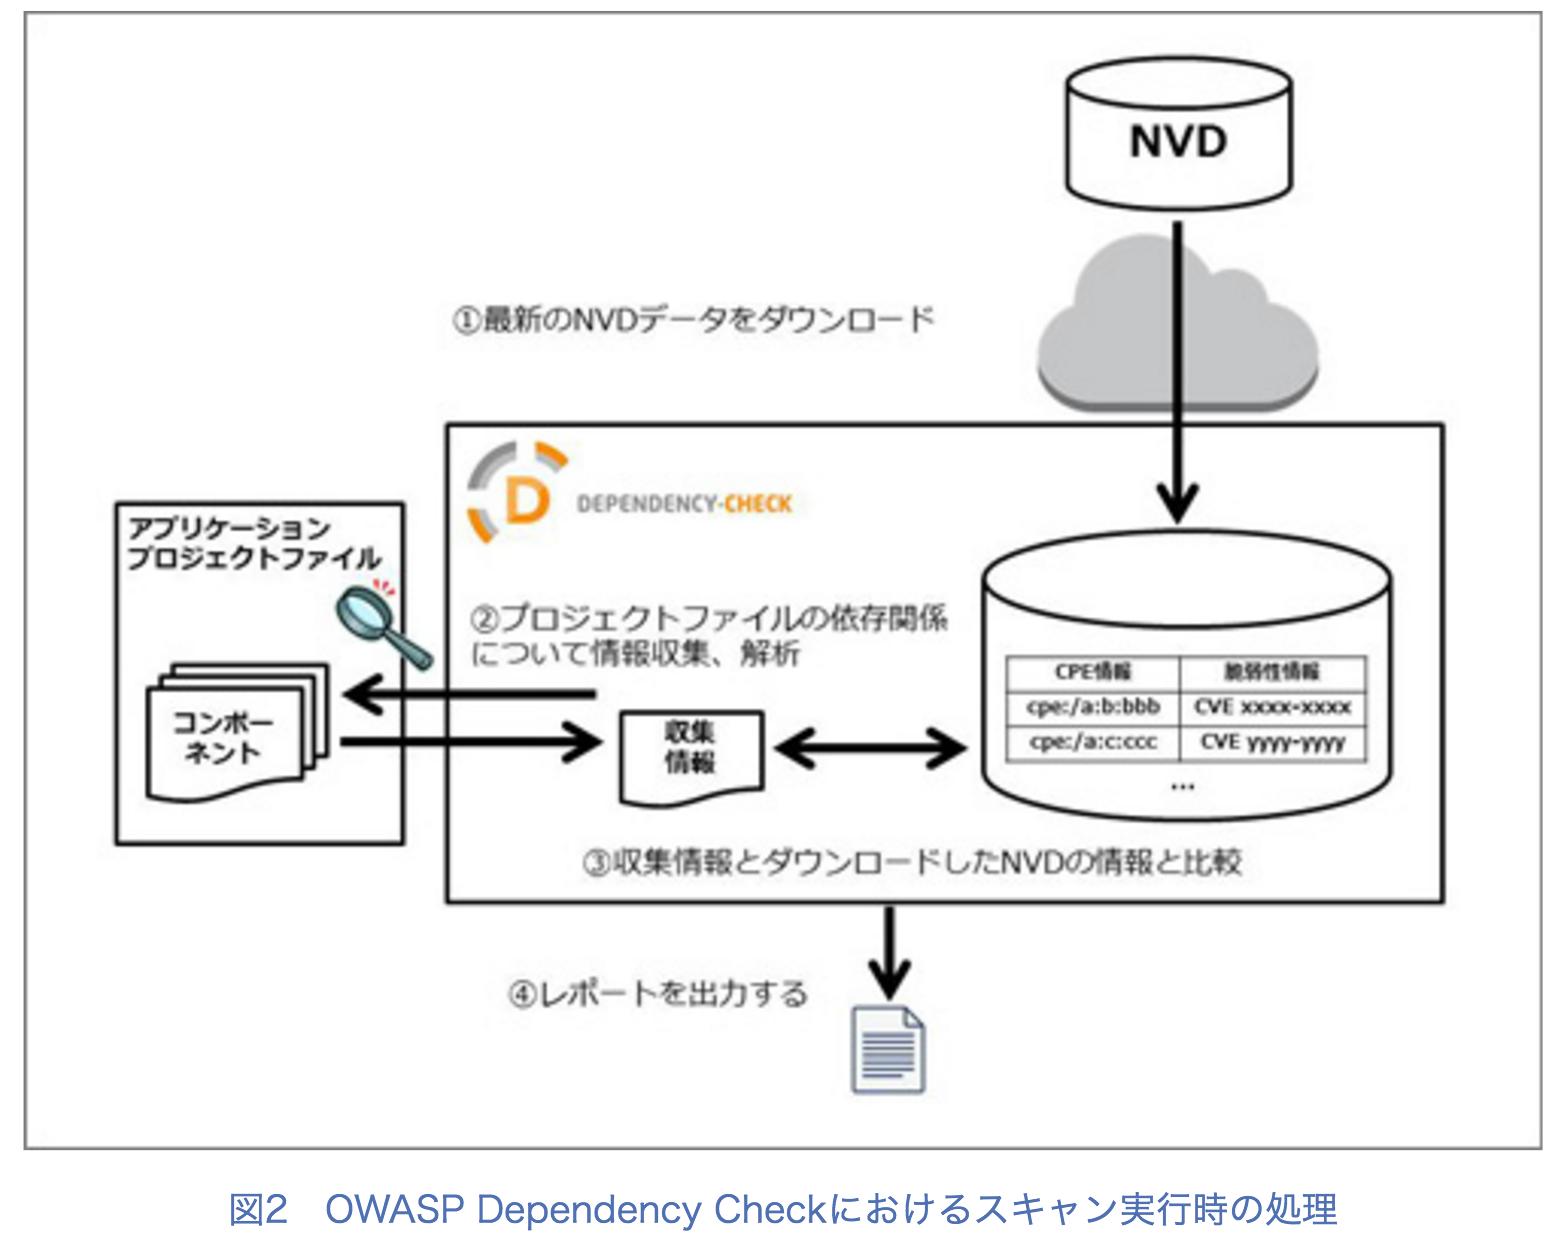 組み込んだOSSコンポーネントの更新漏れを可視化する「OWASP_Dependency_Check」__2_5_:CodeZine(コードジン).png